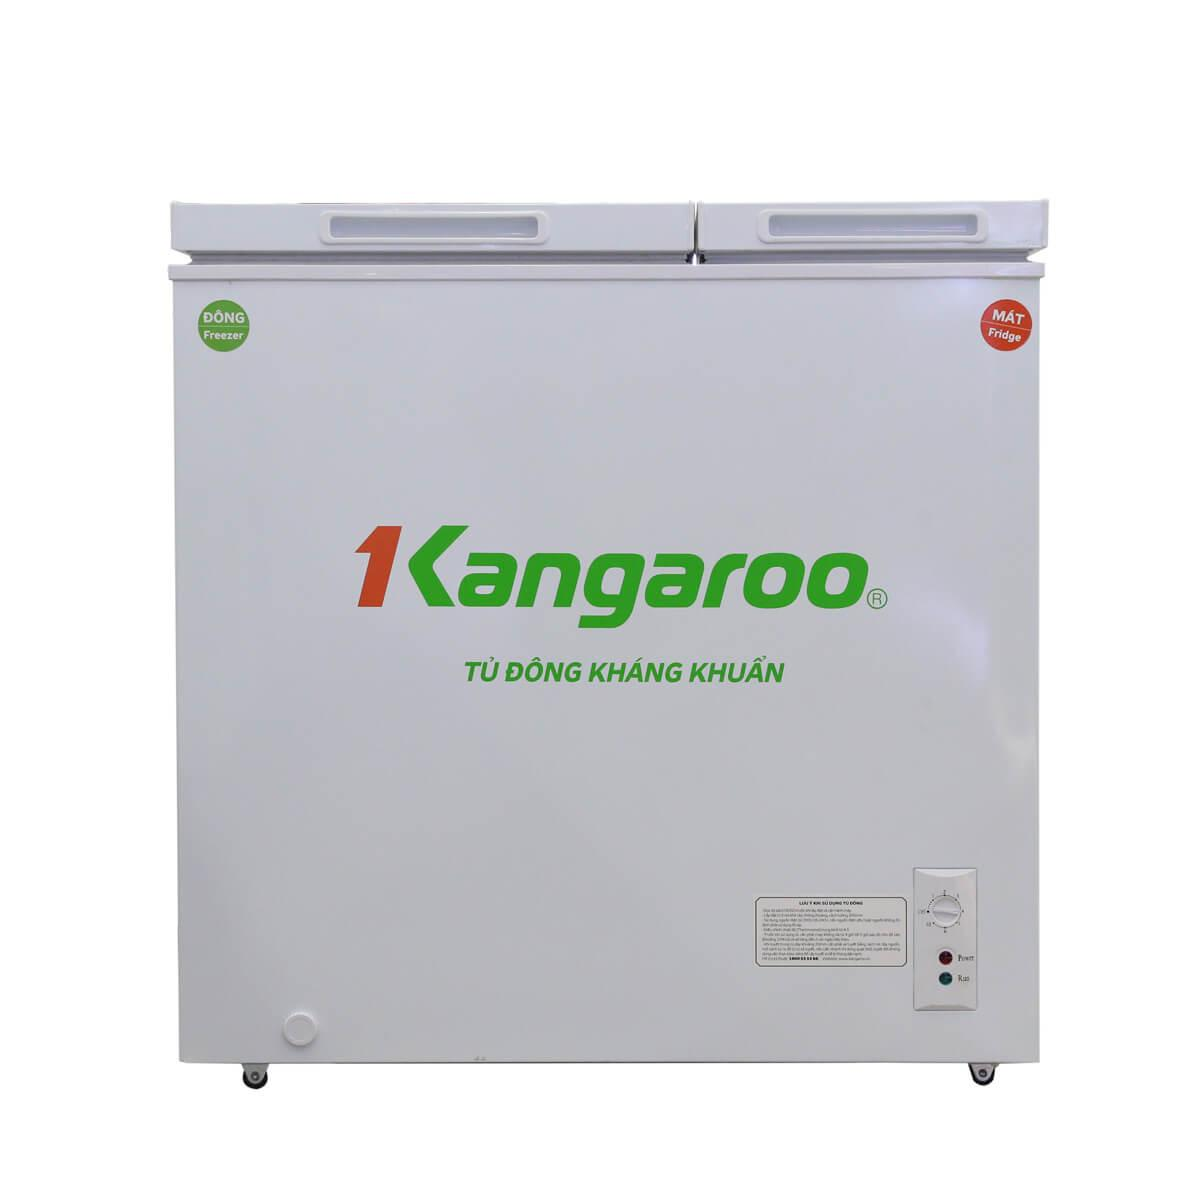 Tủ đông kháng khuẩn Kangaroo KG236C2 236L 2 ngăn, 2 cánh